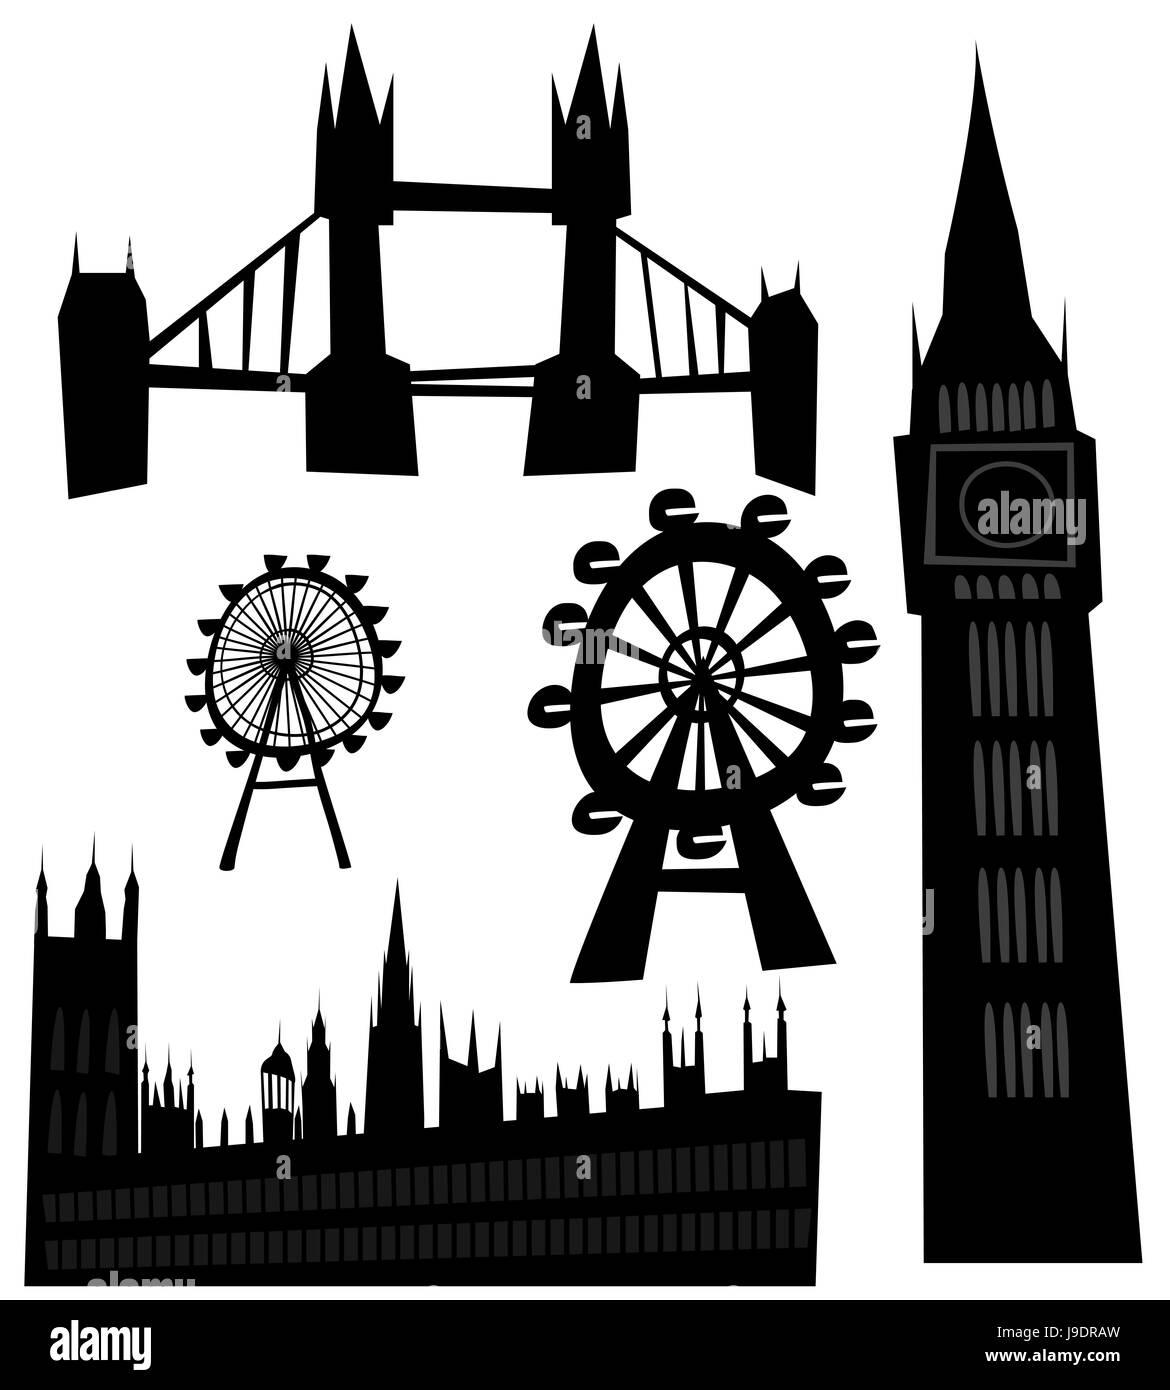 tower, wheel, london, eye, landmark, tower, travel, monument, famous, wheel, - Stock Image